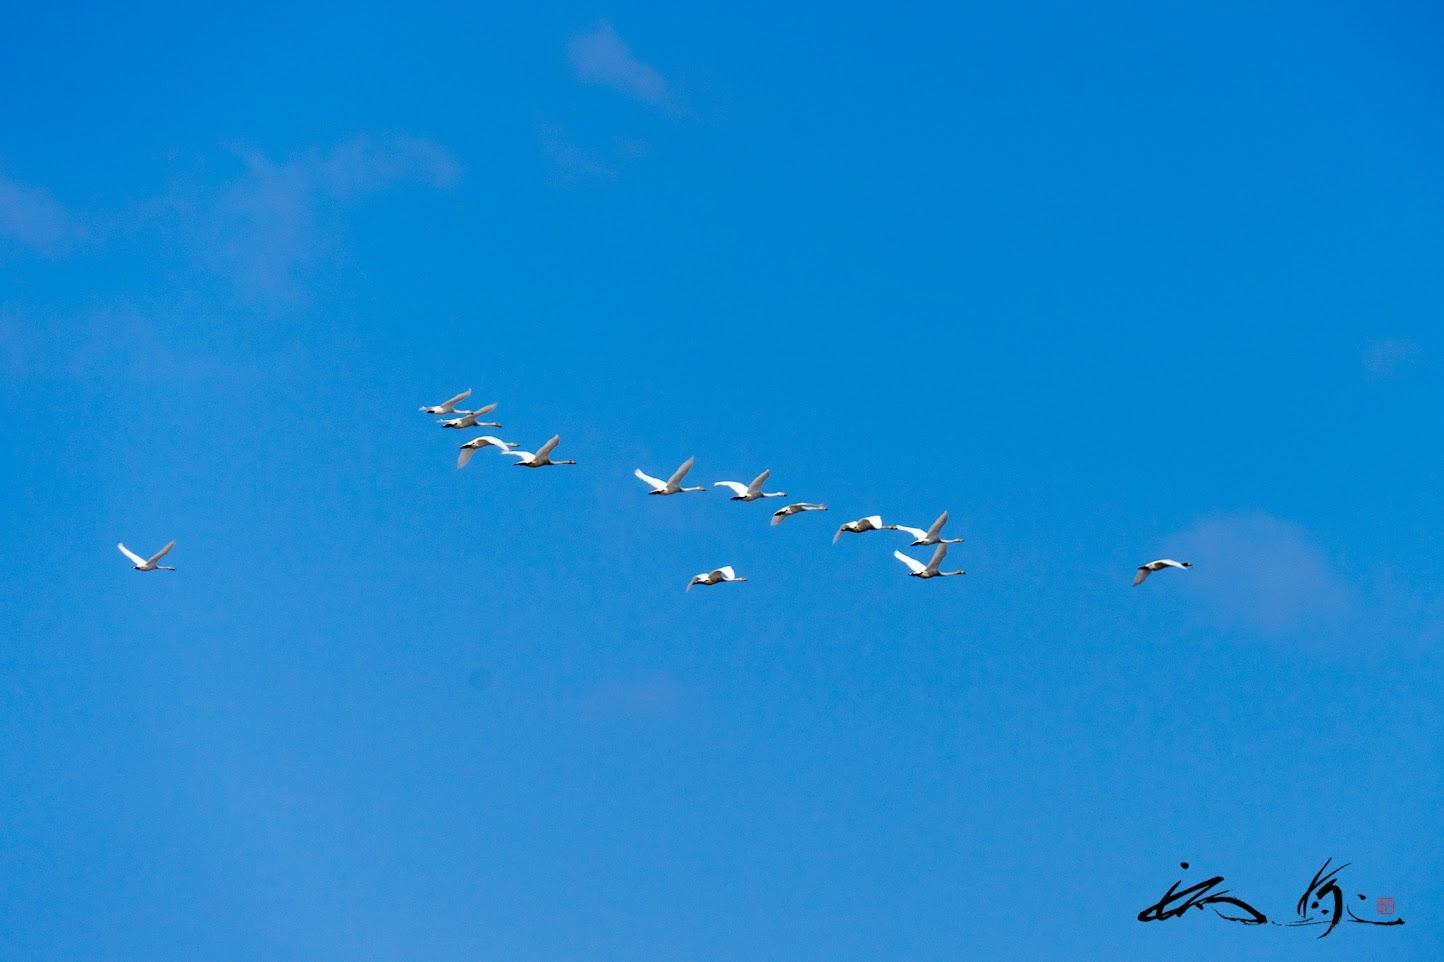 大空を飛び回る白鳥のように!